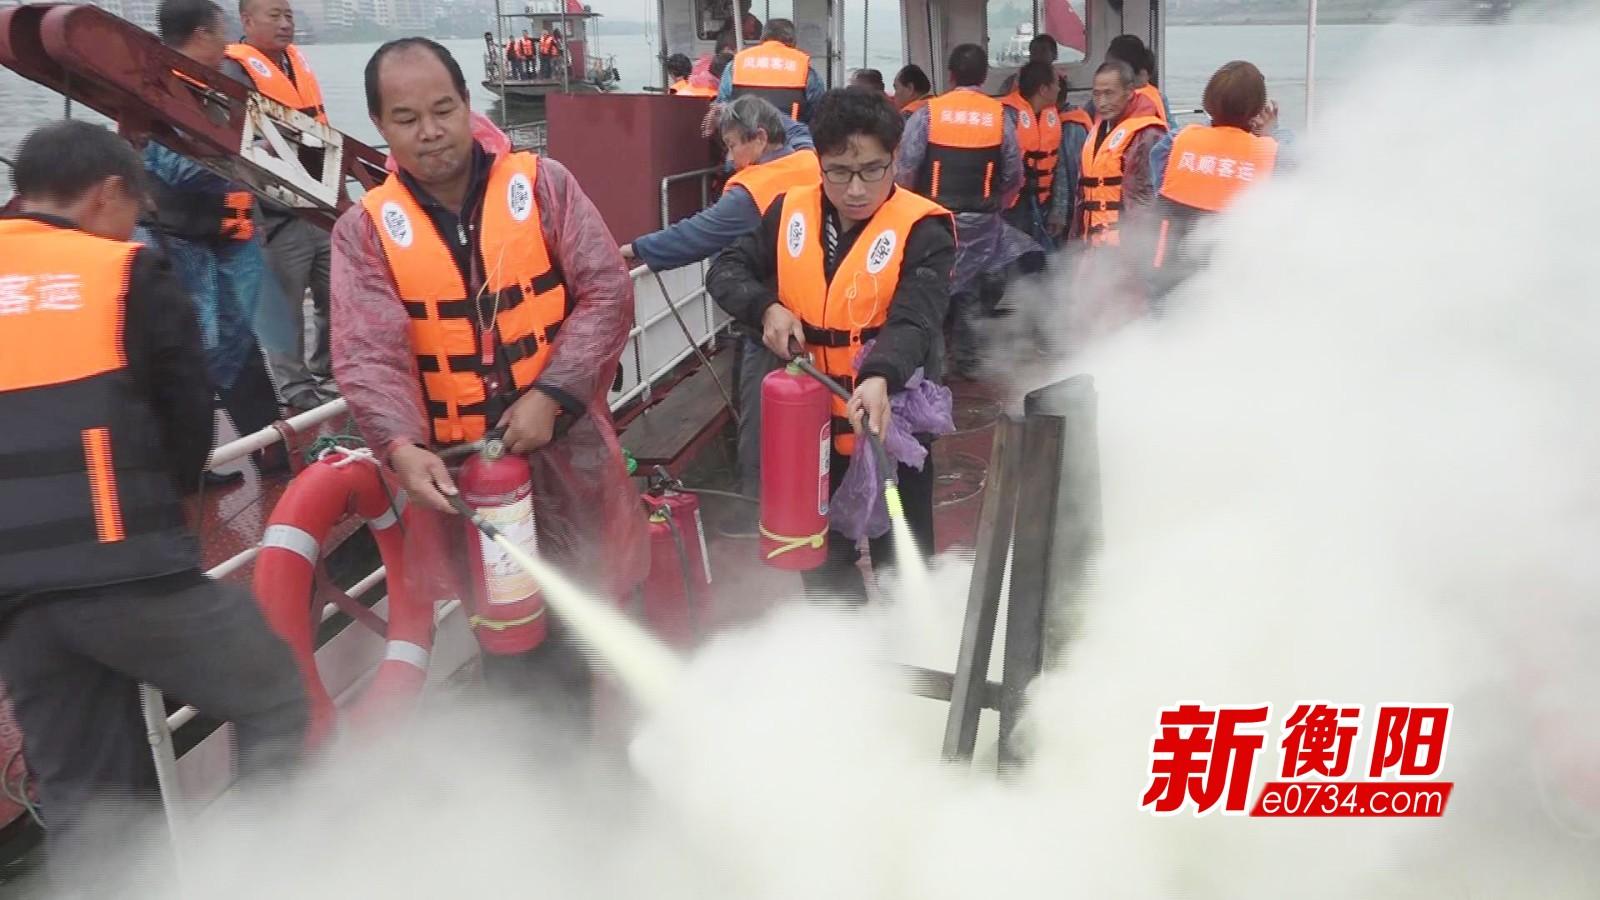 祁东开展水上交通应急救援演练  增强应急保障能力